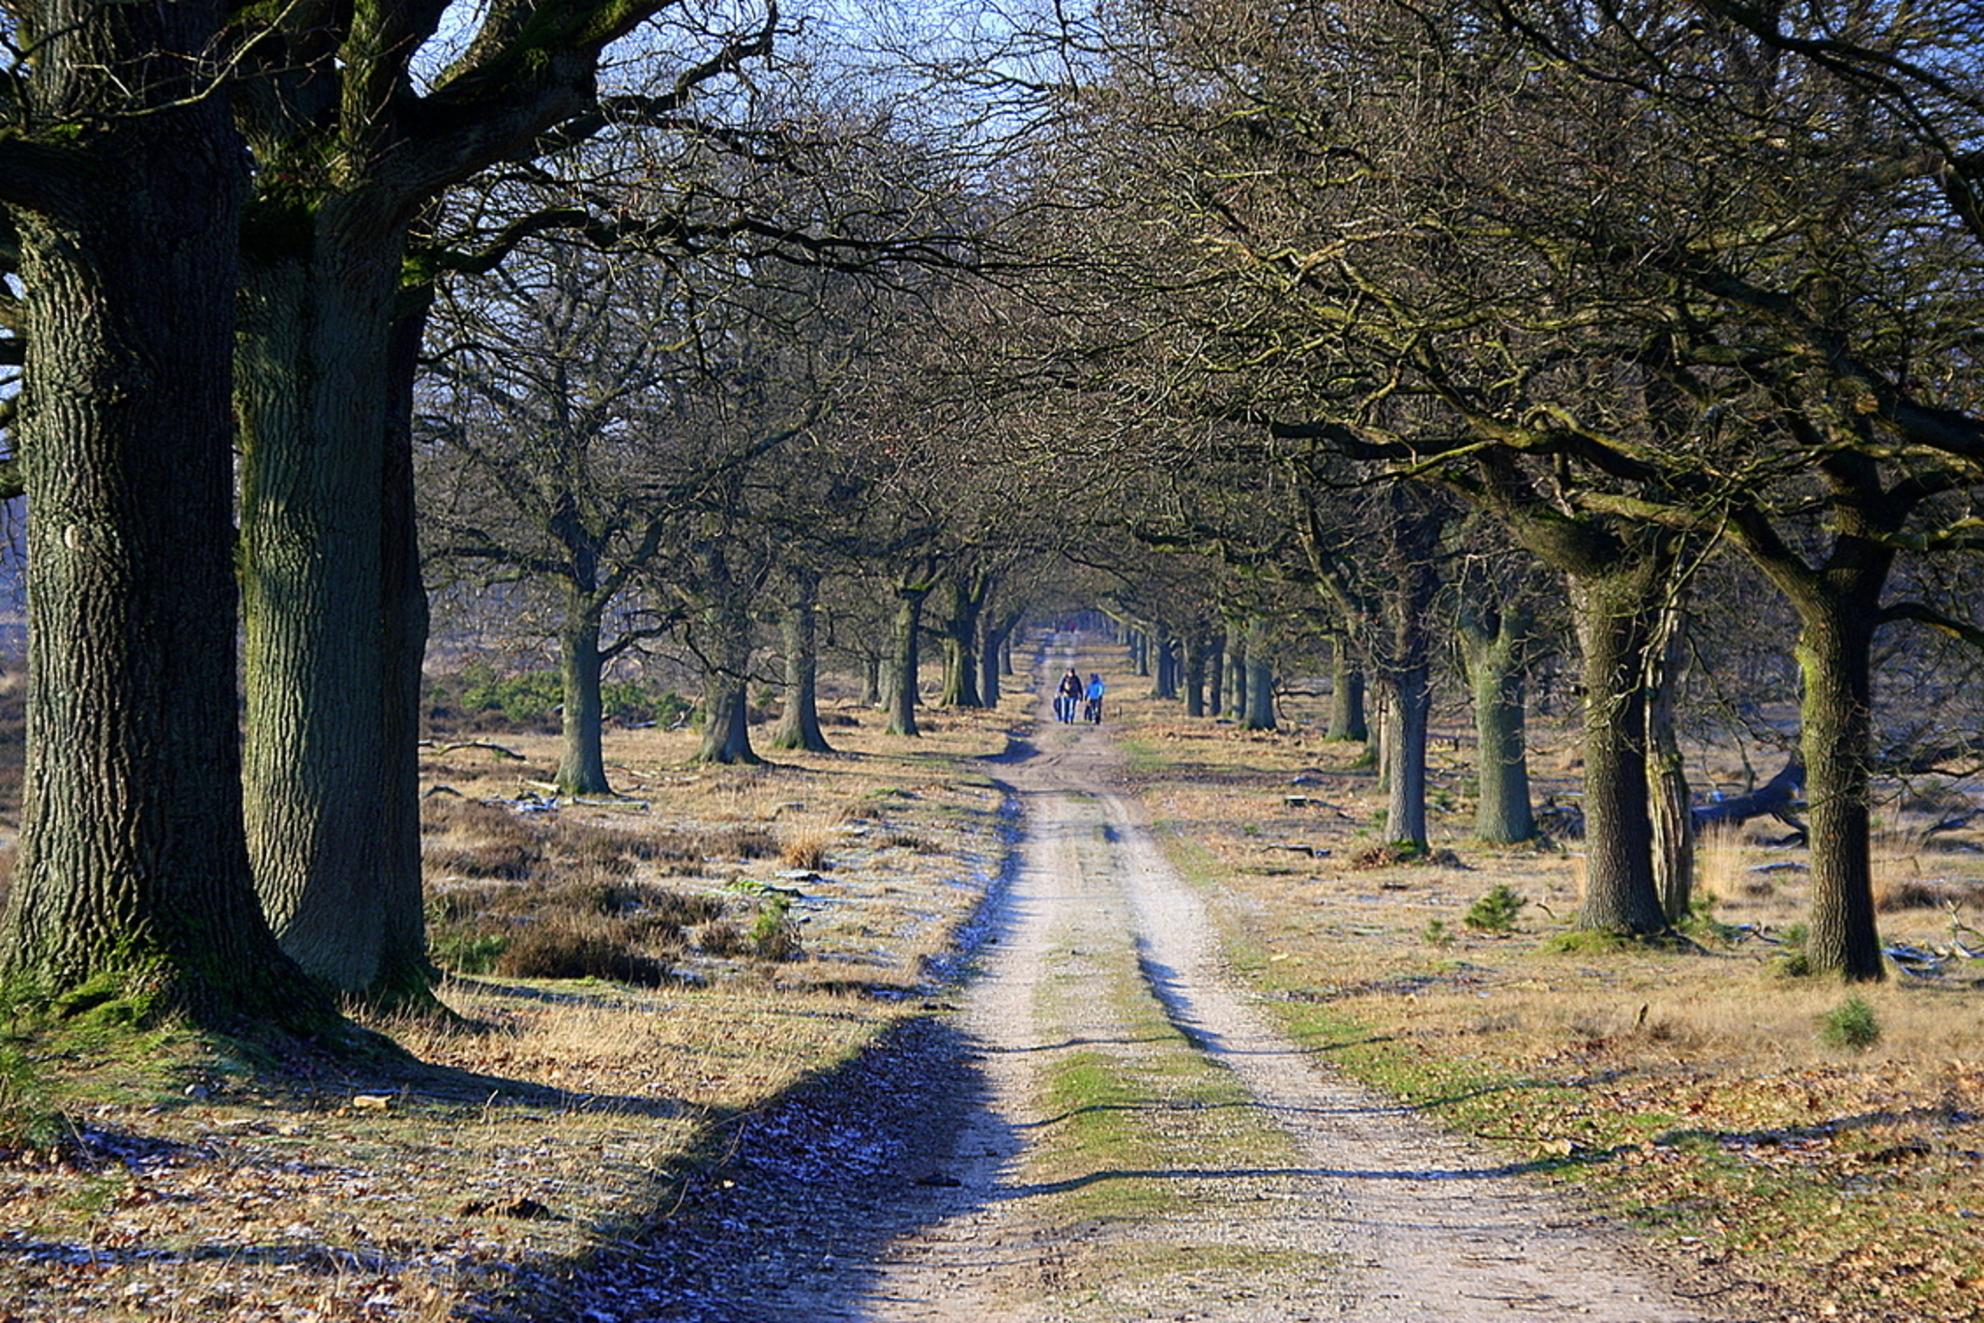 Deeler woud 2 - - - foto door theoluising op 12-03-2009 - deze foto bevat: theo, grillig, woud, deeler, luising - Deze foto mag gebruikt worden in een Zoom.nl publicatie